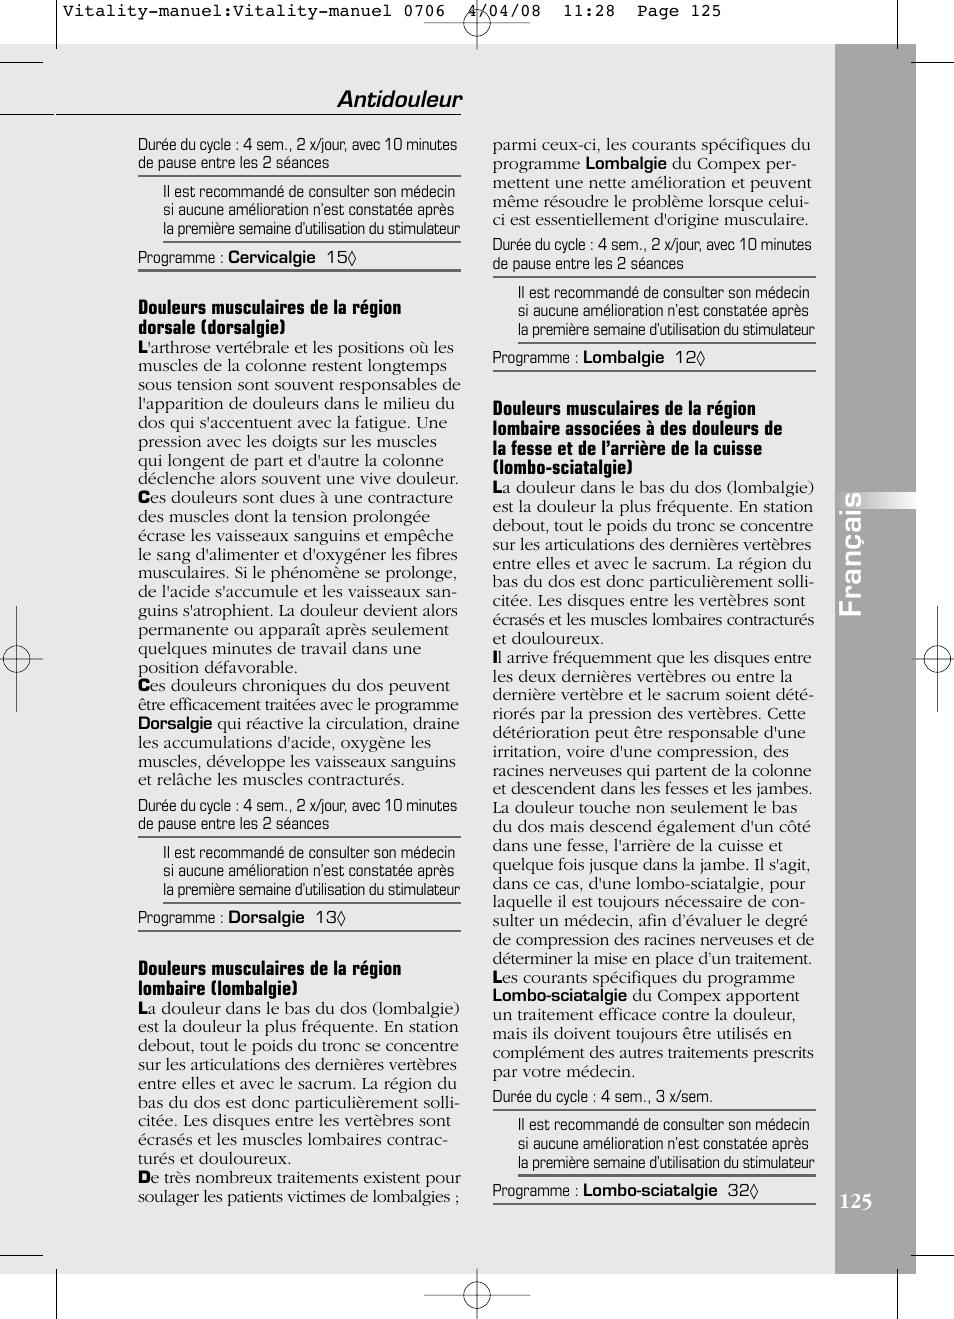 manuel cycle 4 français